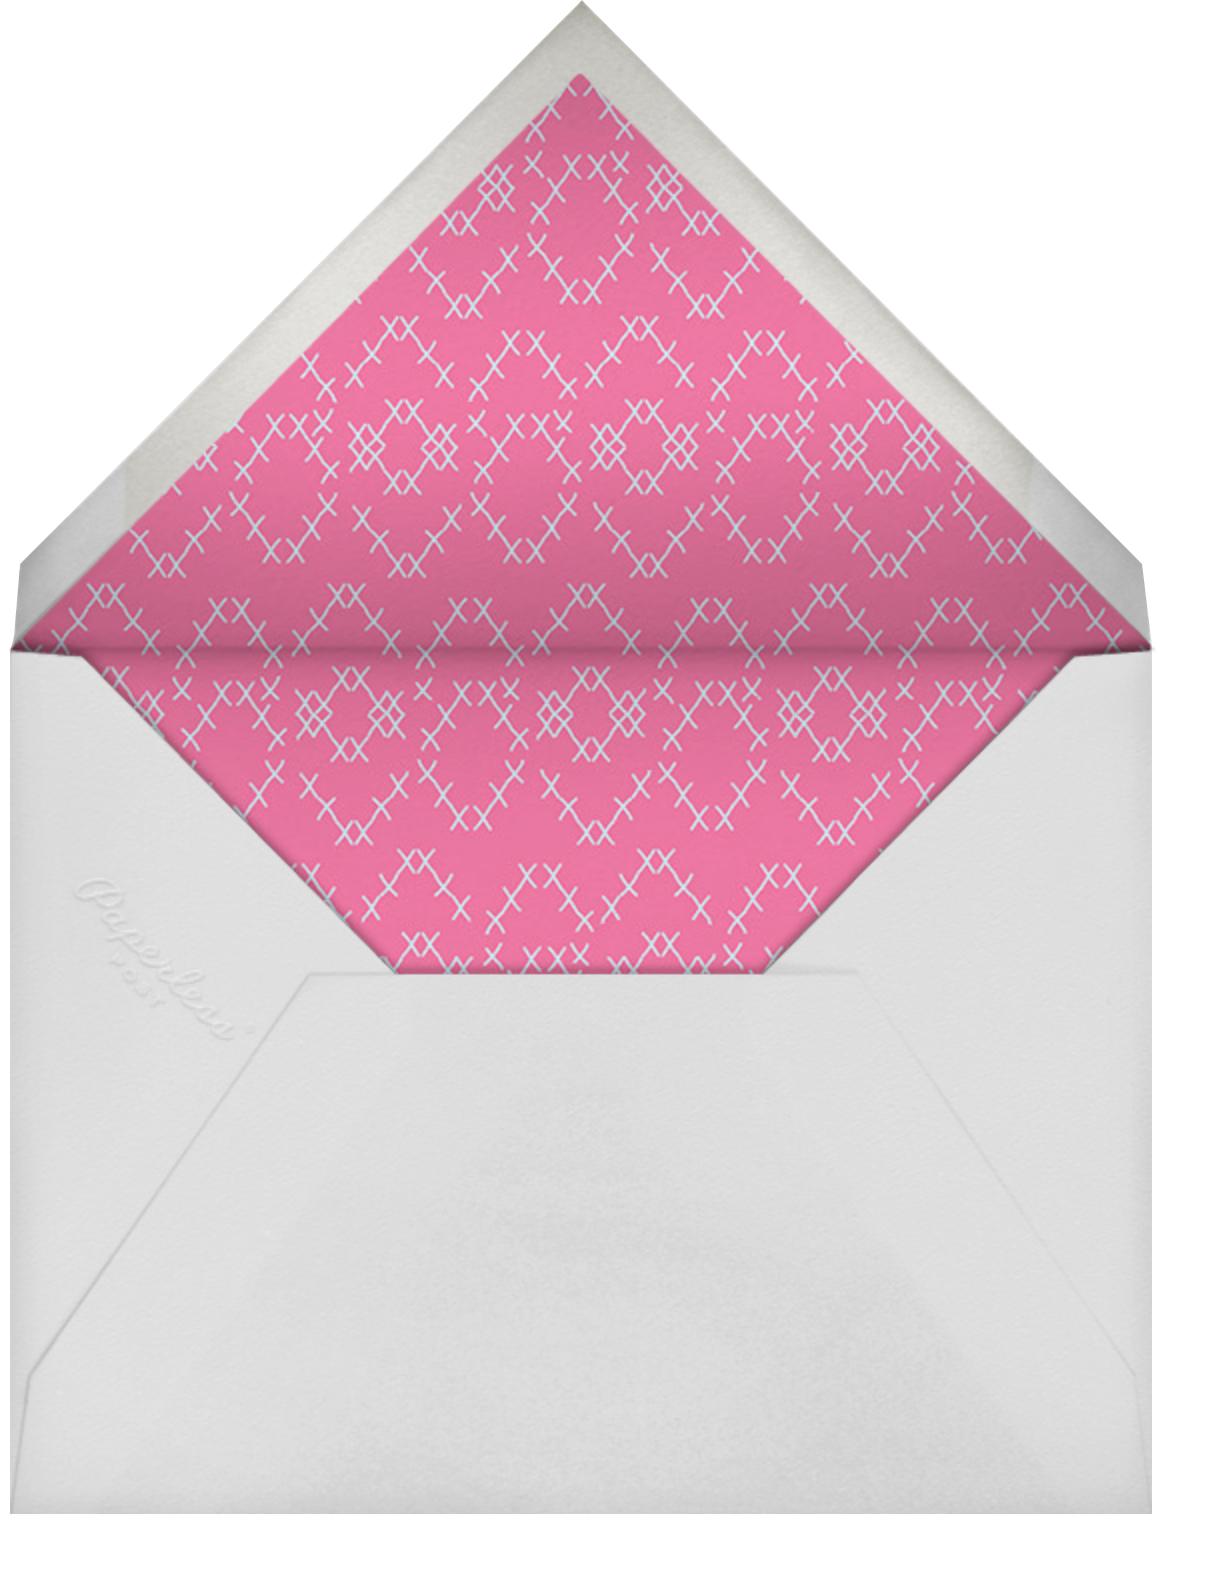 Needlework Hoop - Paperless Post - Envelope